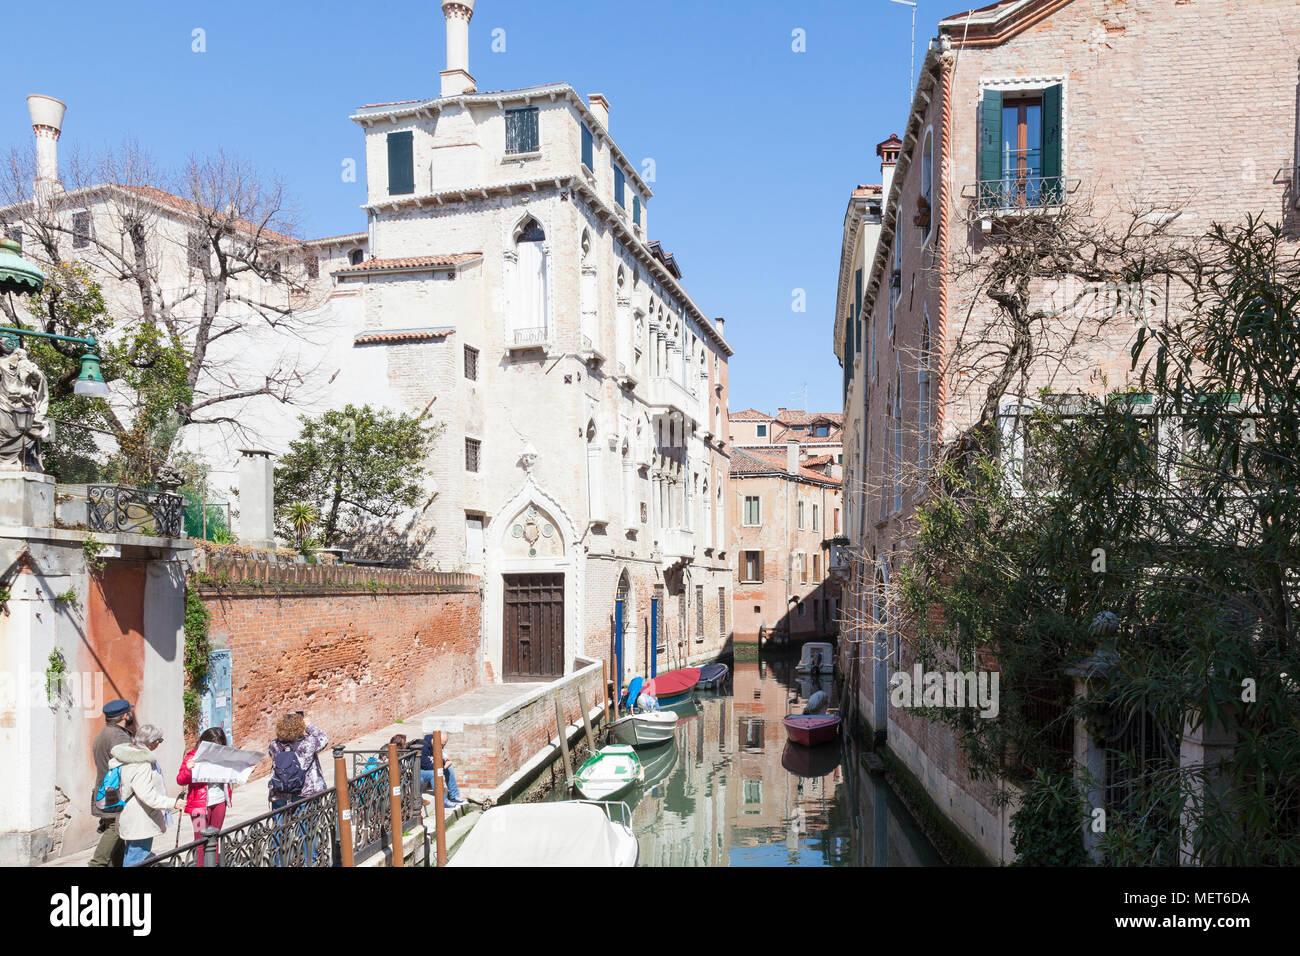 Palazzo Soranzo Van Axel, Fondamenta Van Axel, Rio della Panada, Cannaregio, Venedig, Venetien, Italien, die am besten Erhaltene gotische Palast in Venedig. Touris Stockbild